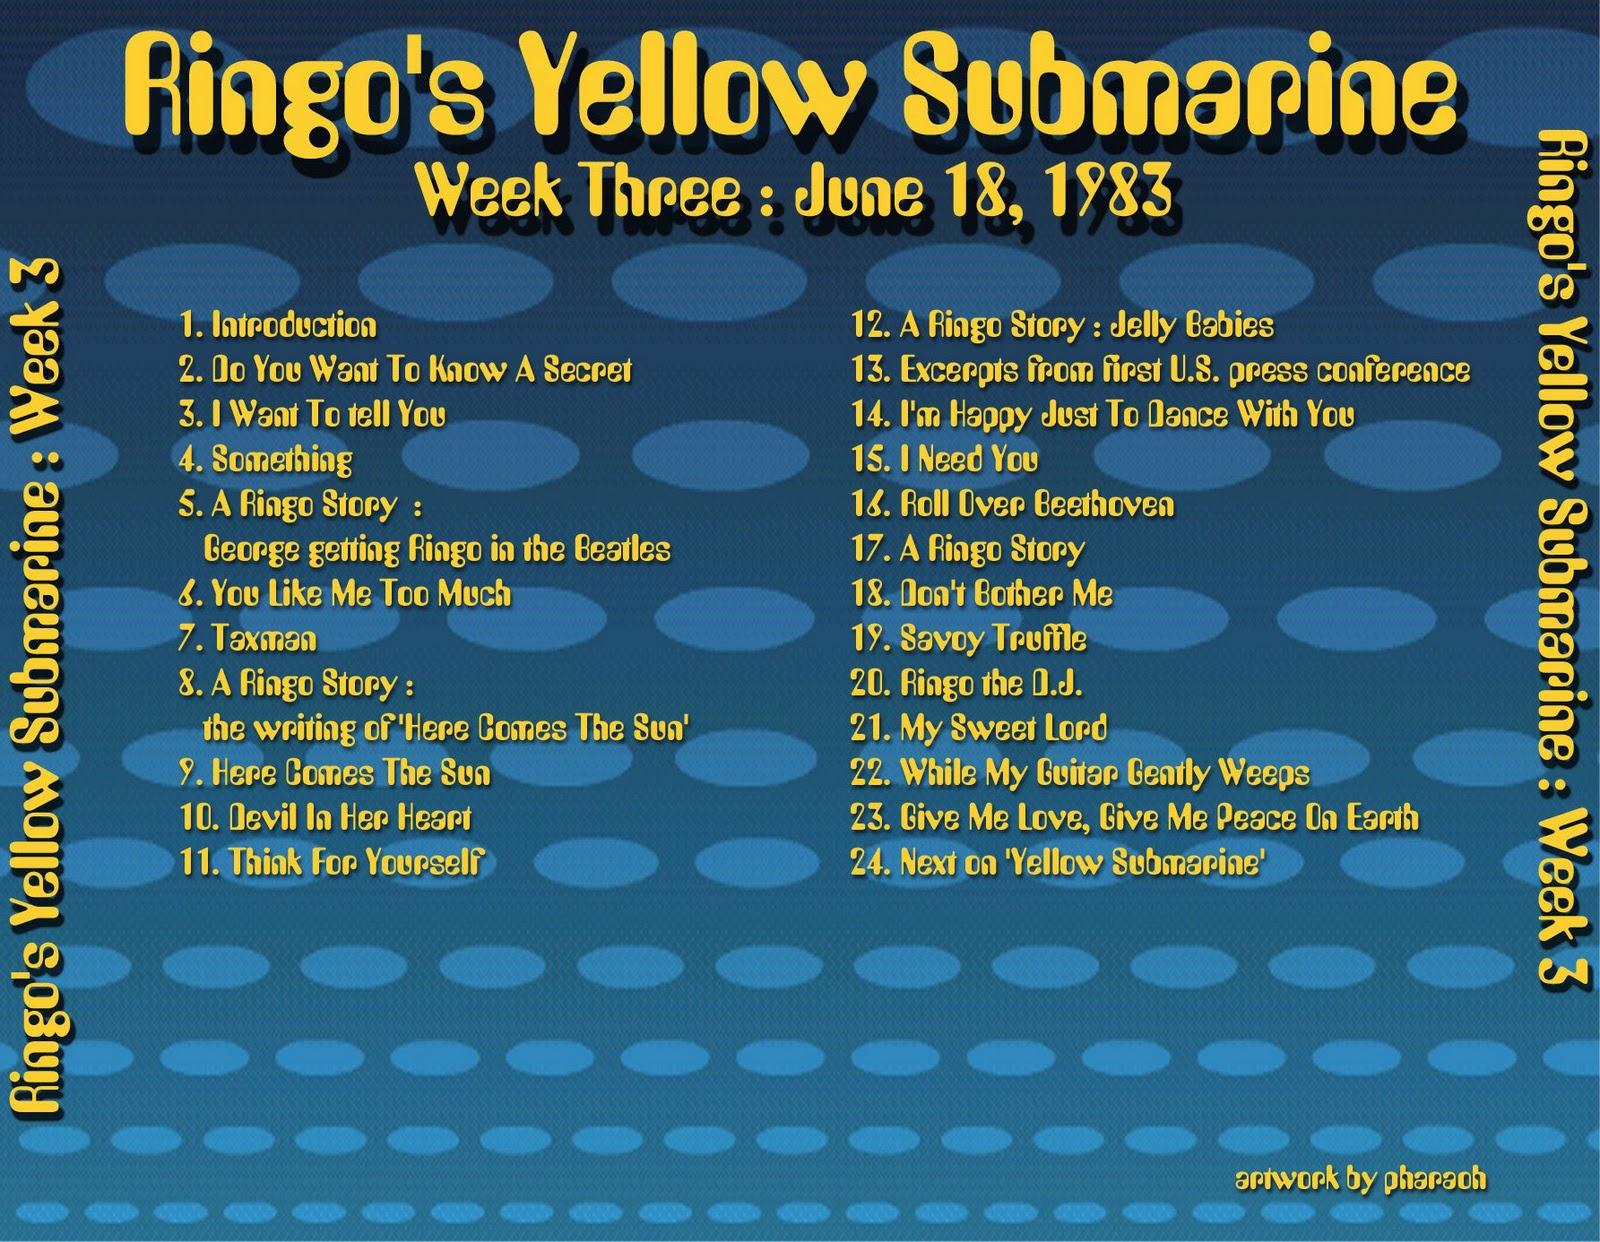 Beatles Radio Waves: 1983 06 18 Ringo's Yellow Submarine 03 #B79B14 1600 1242